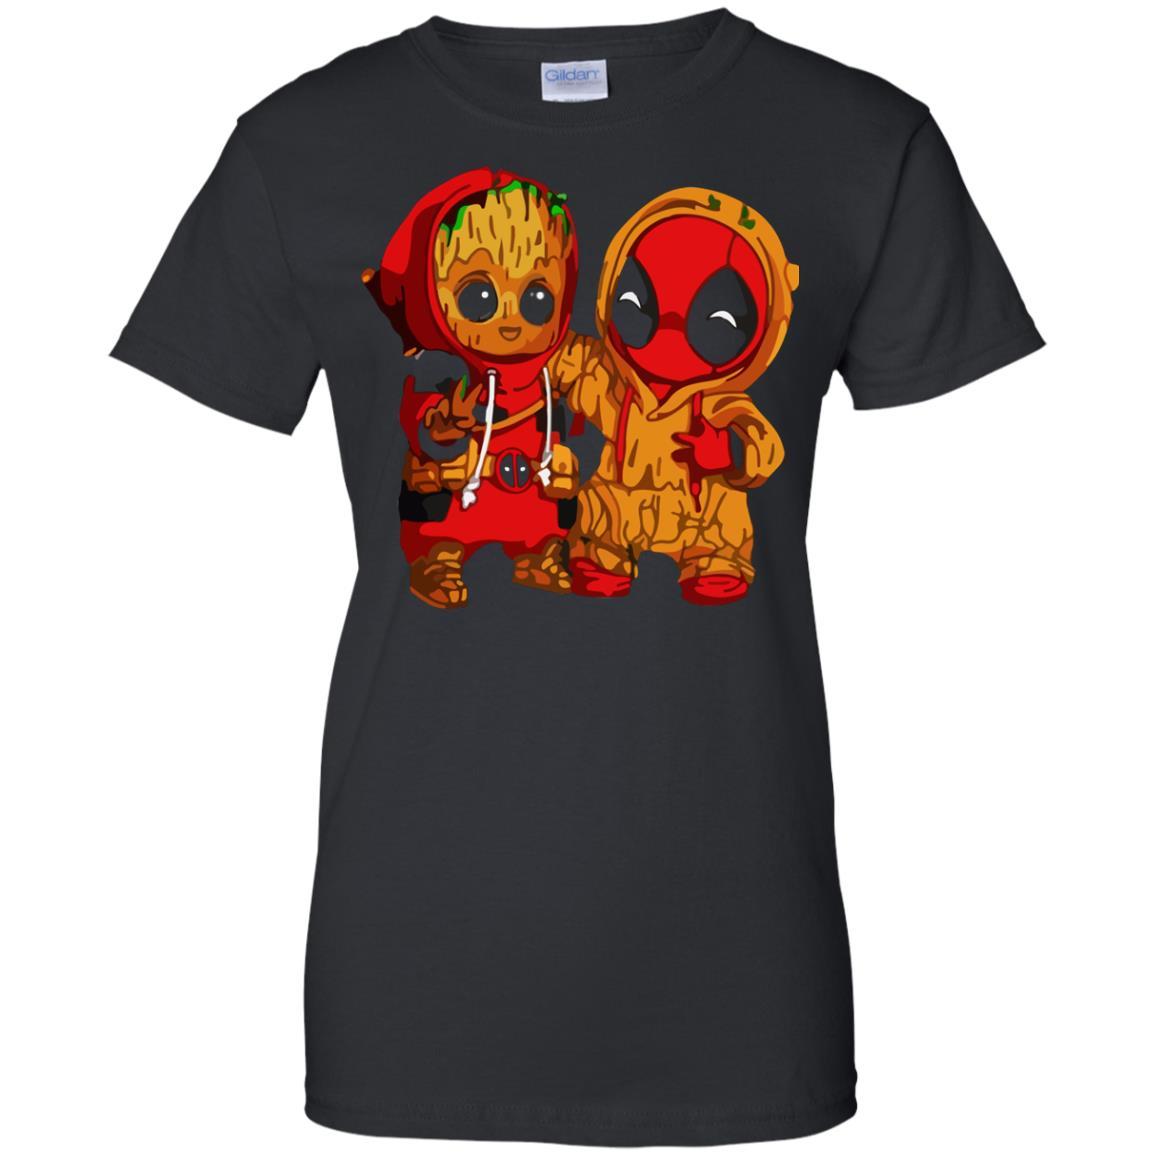 image 441 - Baby Groot And Deadpool Sweatshirt, Hoodie